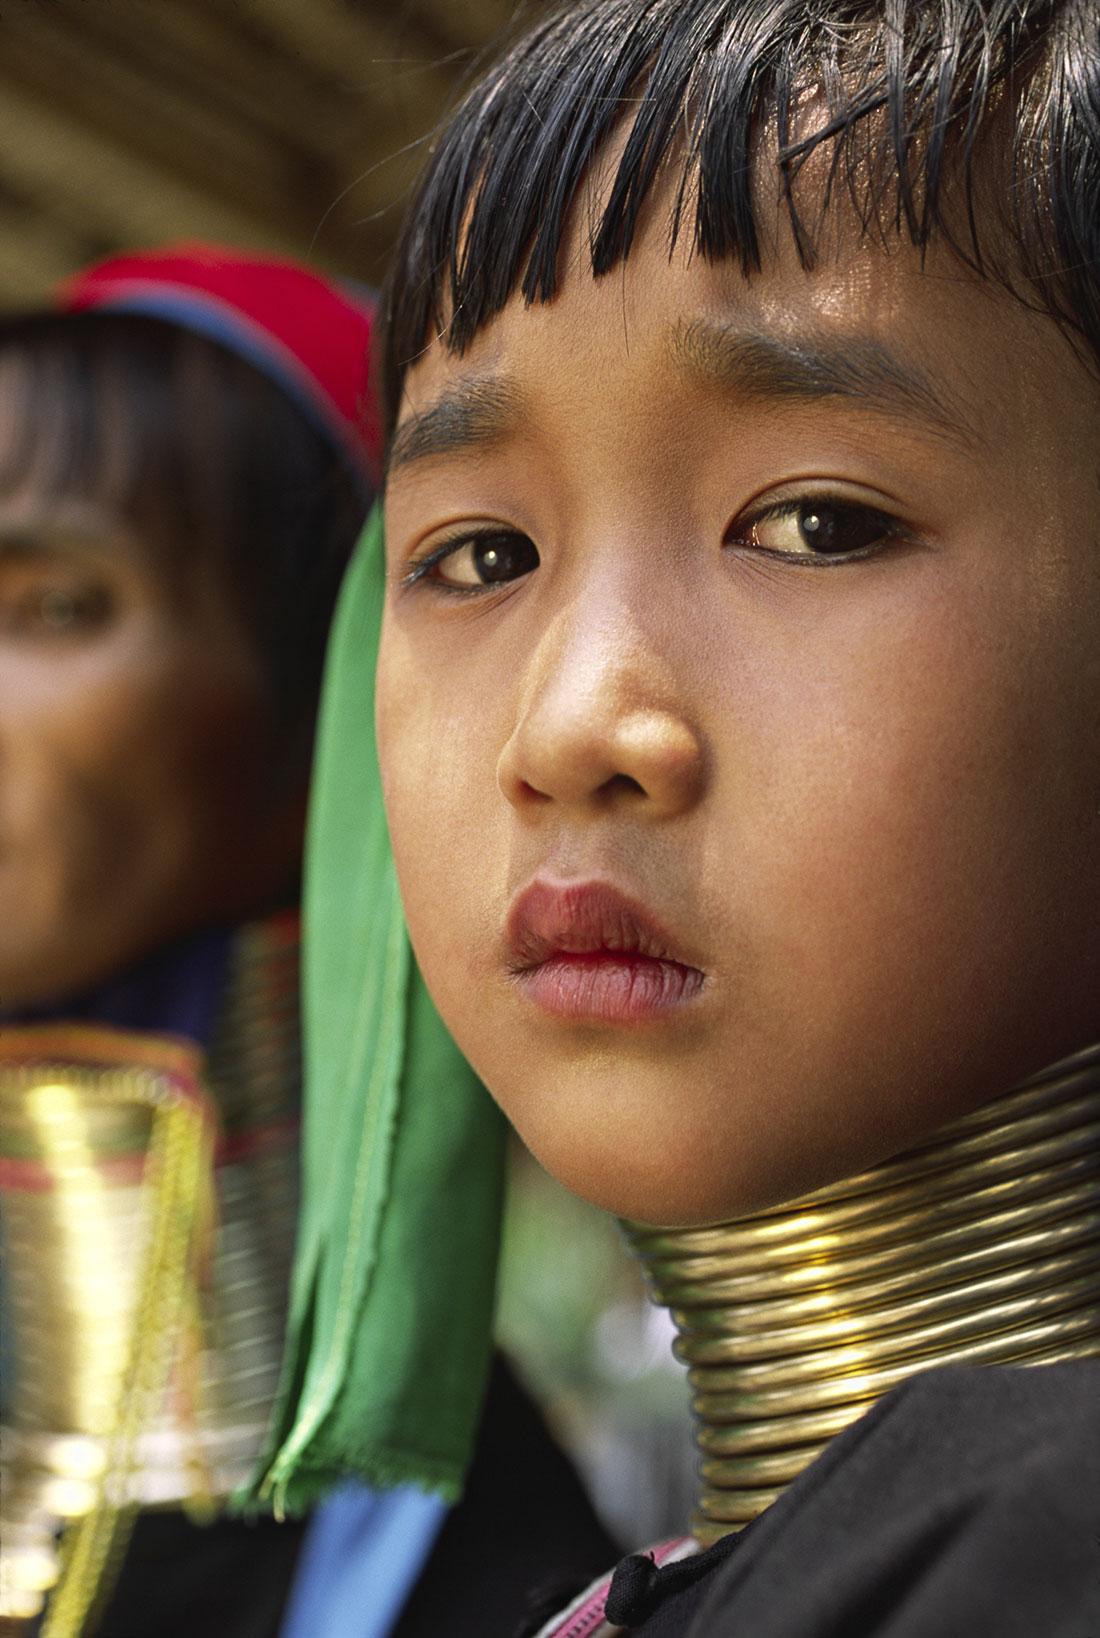 Near Inle Lake, Burma